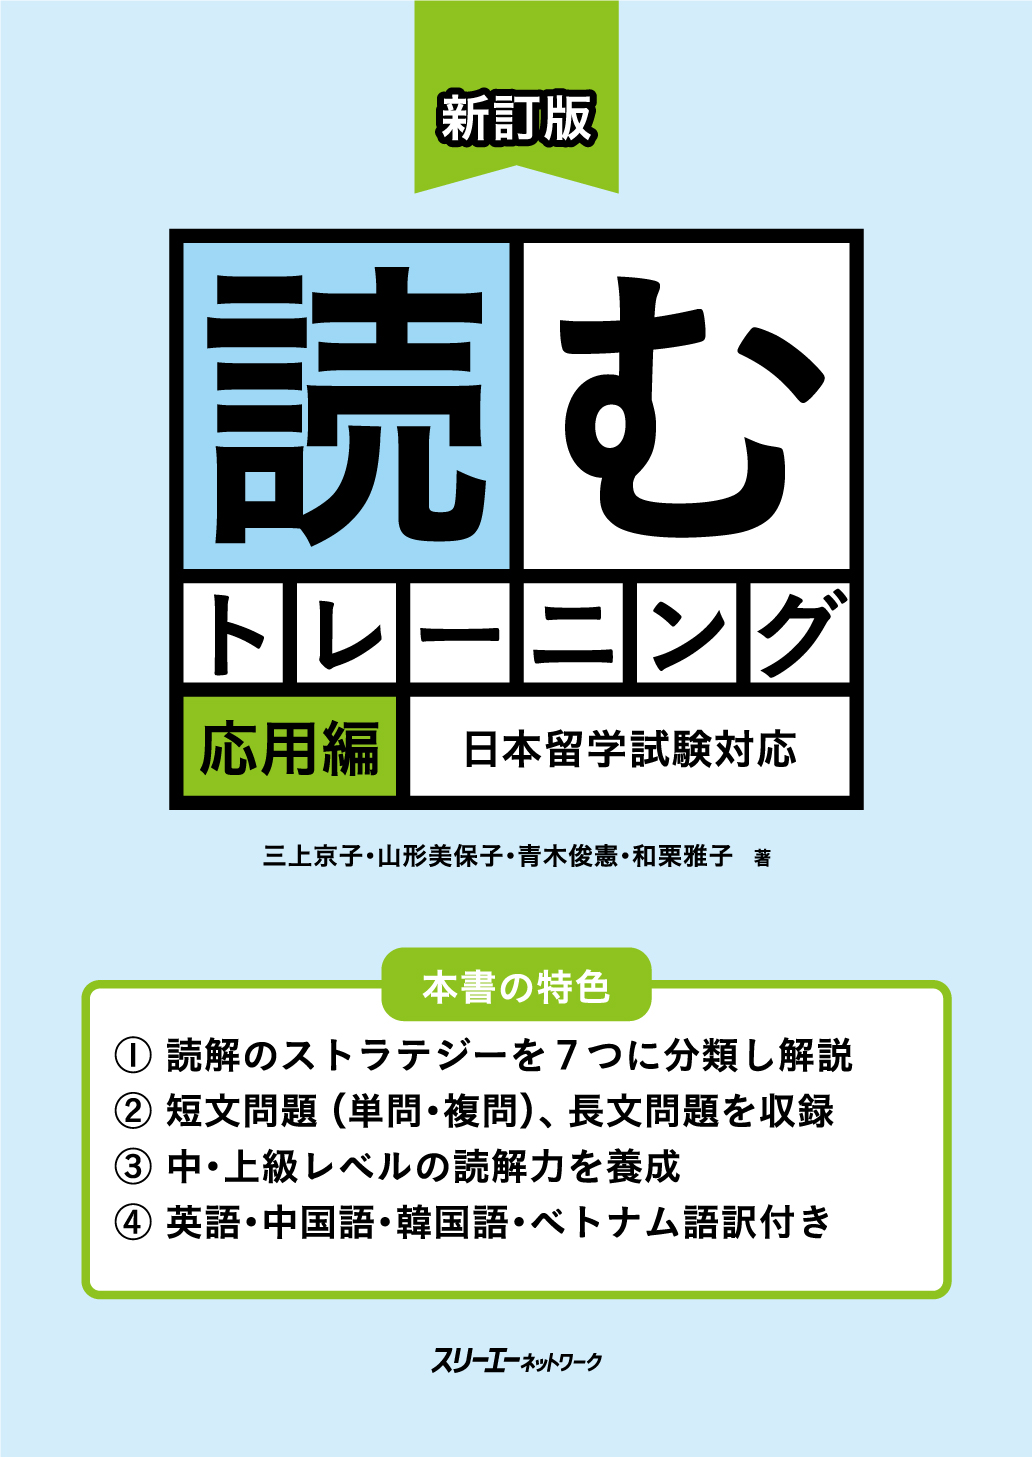 新訂版 読むトレーニング 応用編 日本留学試験対応画像